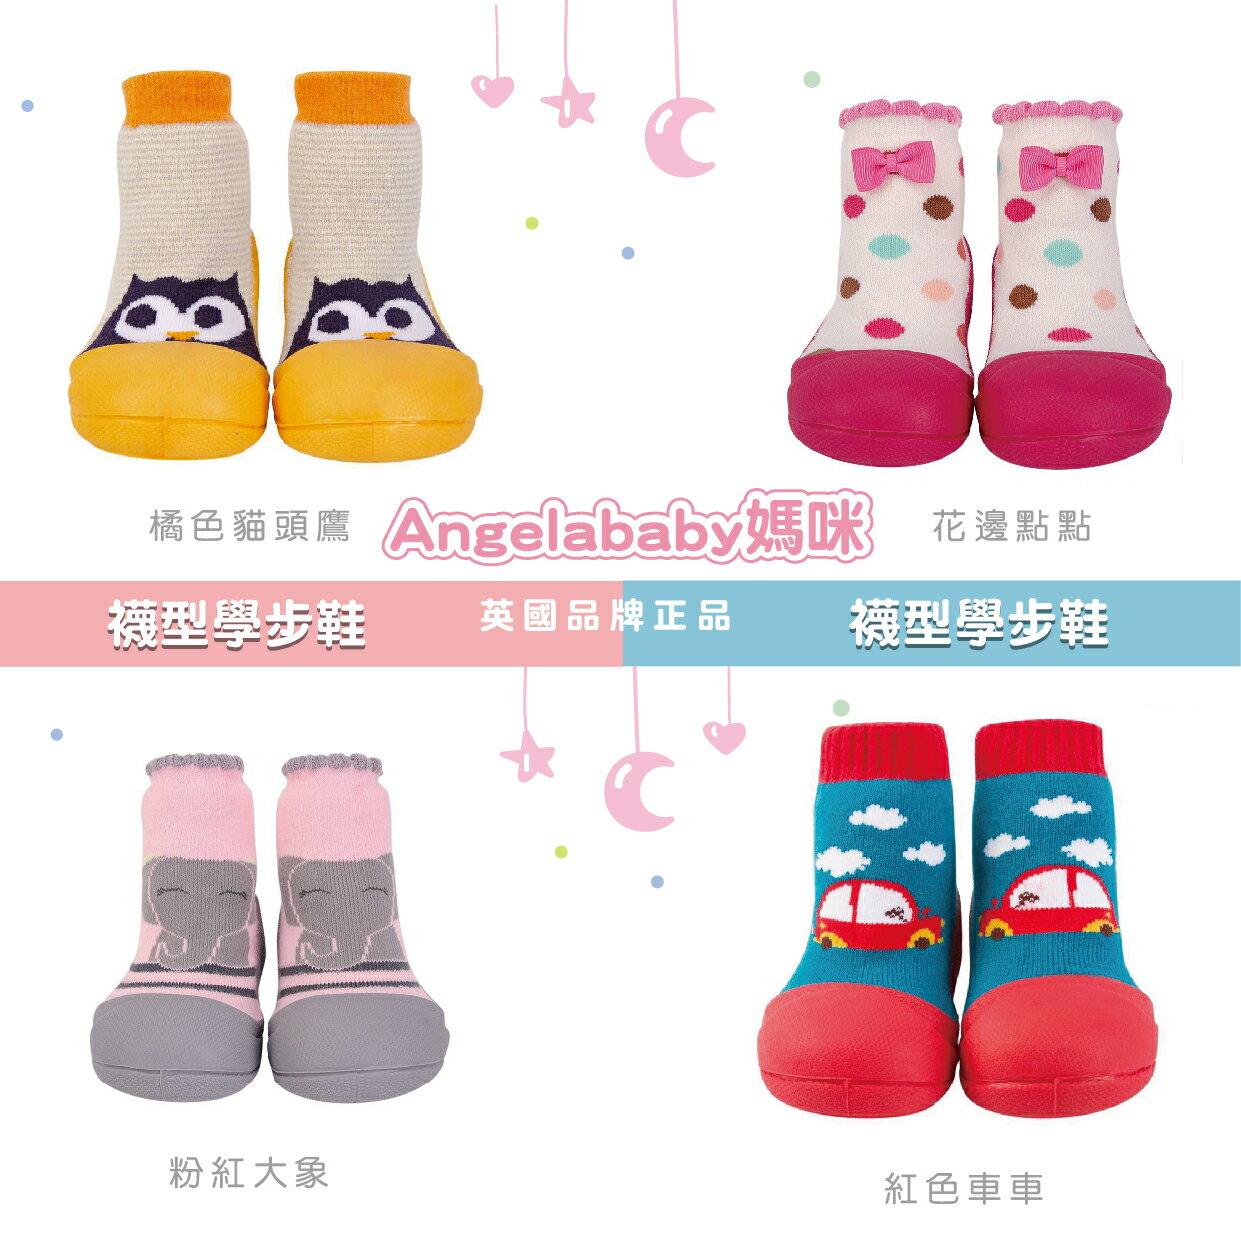 【培婗PeNi】英國品牌純棉毛圈襪鞋 / 幼兒學步鞋 / 襪型鞋 / 嬰兒鞋 3